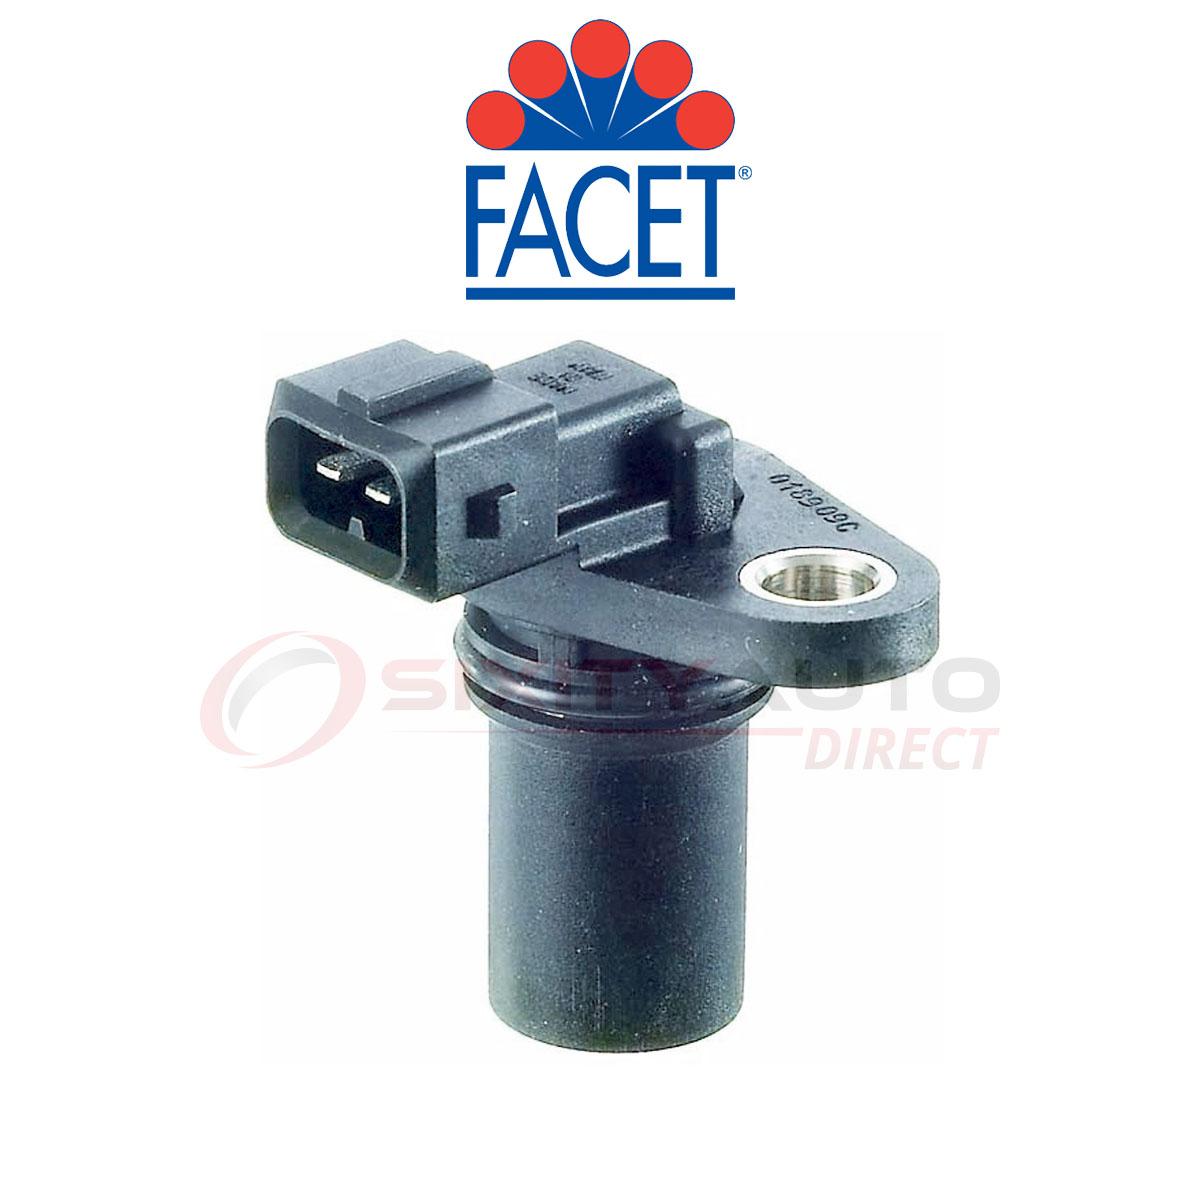 Facet Camshaft Position Sensor For 2001